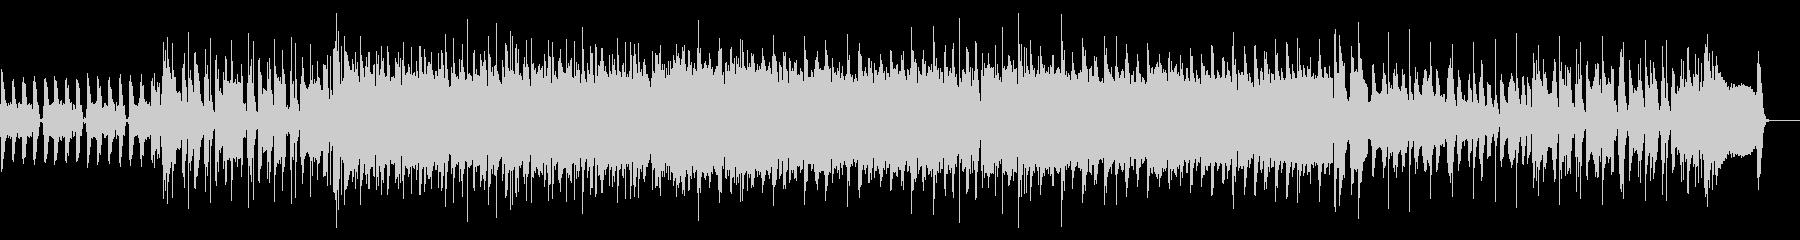 エモいロック・インストゥルメンタルの未再生の波形